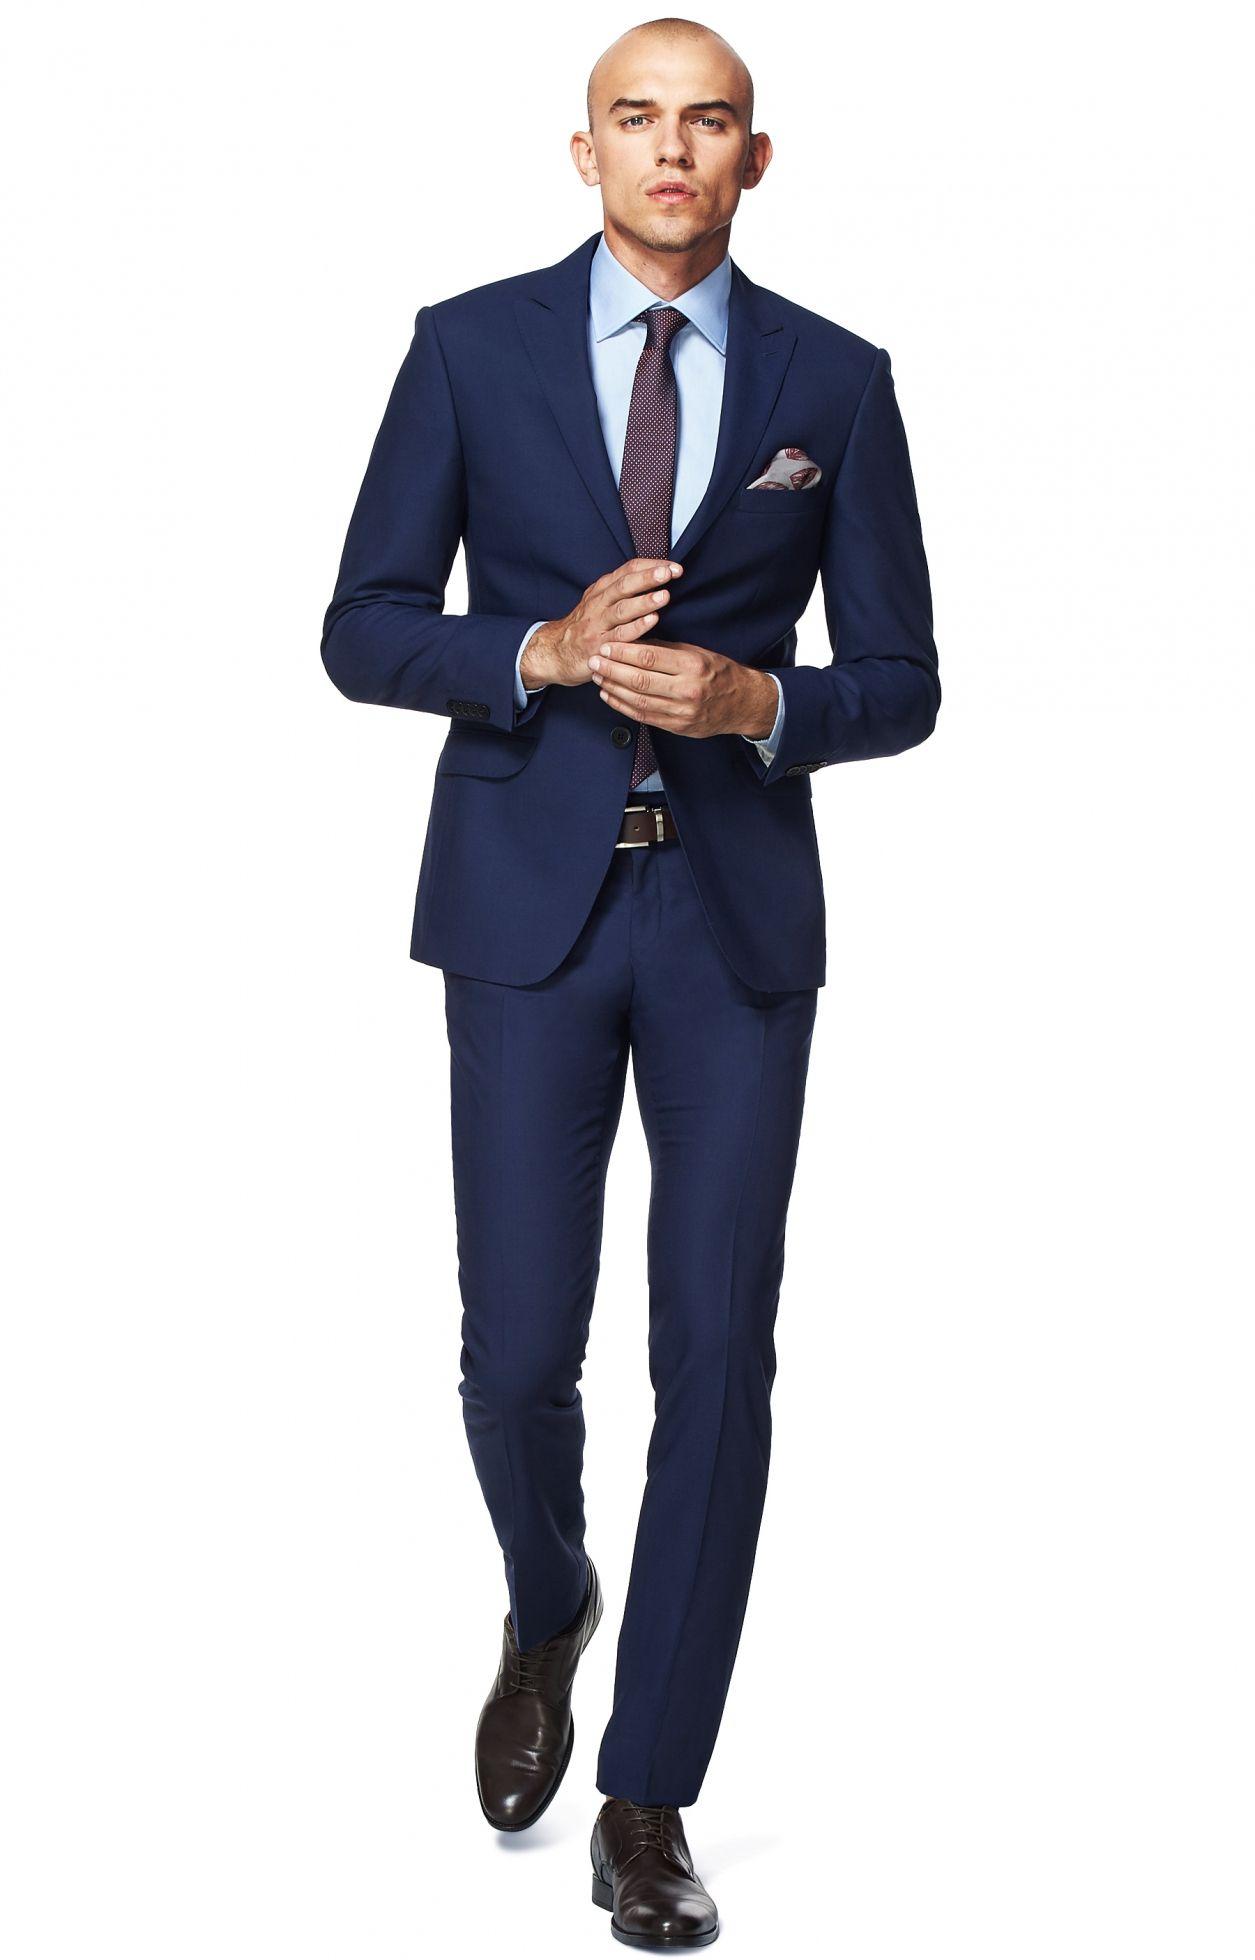 Garnitur Philo 999 90 Zl 70991 Mens Formal Wear Formal Wear How To Wear